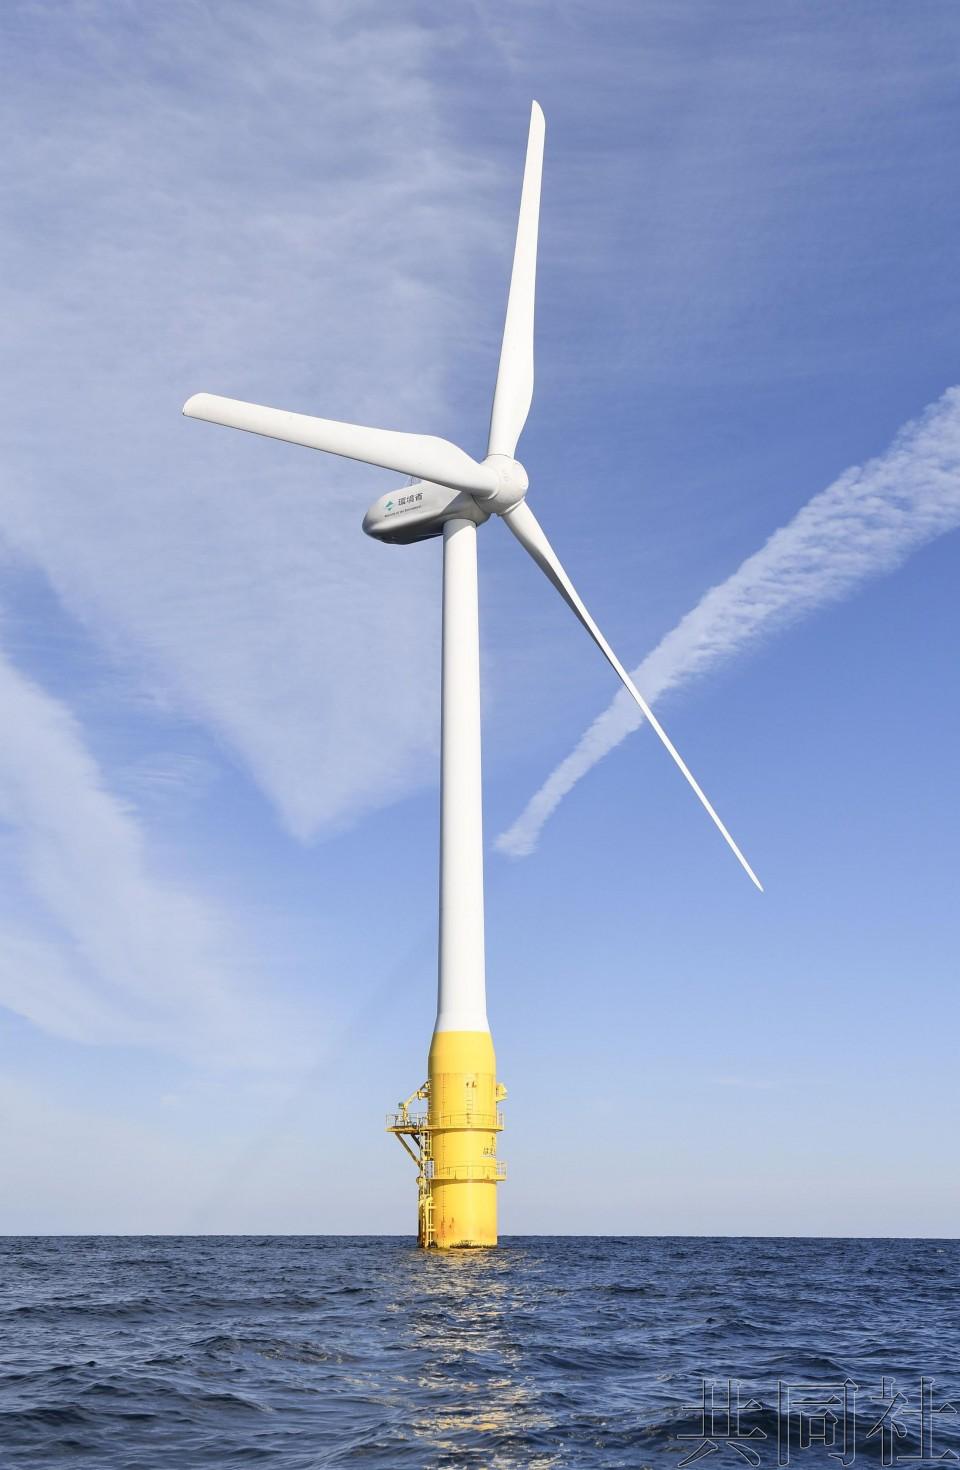 话题:长崎县将建立日本首个海上风力发电人才培育基地